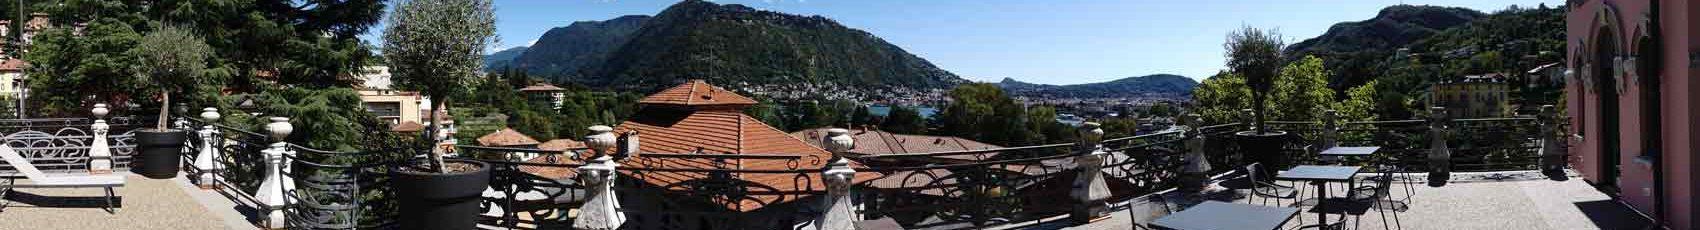 Terrazza Vista Lago - Solarium